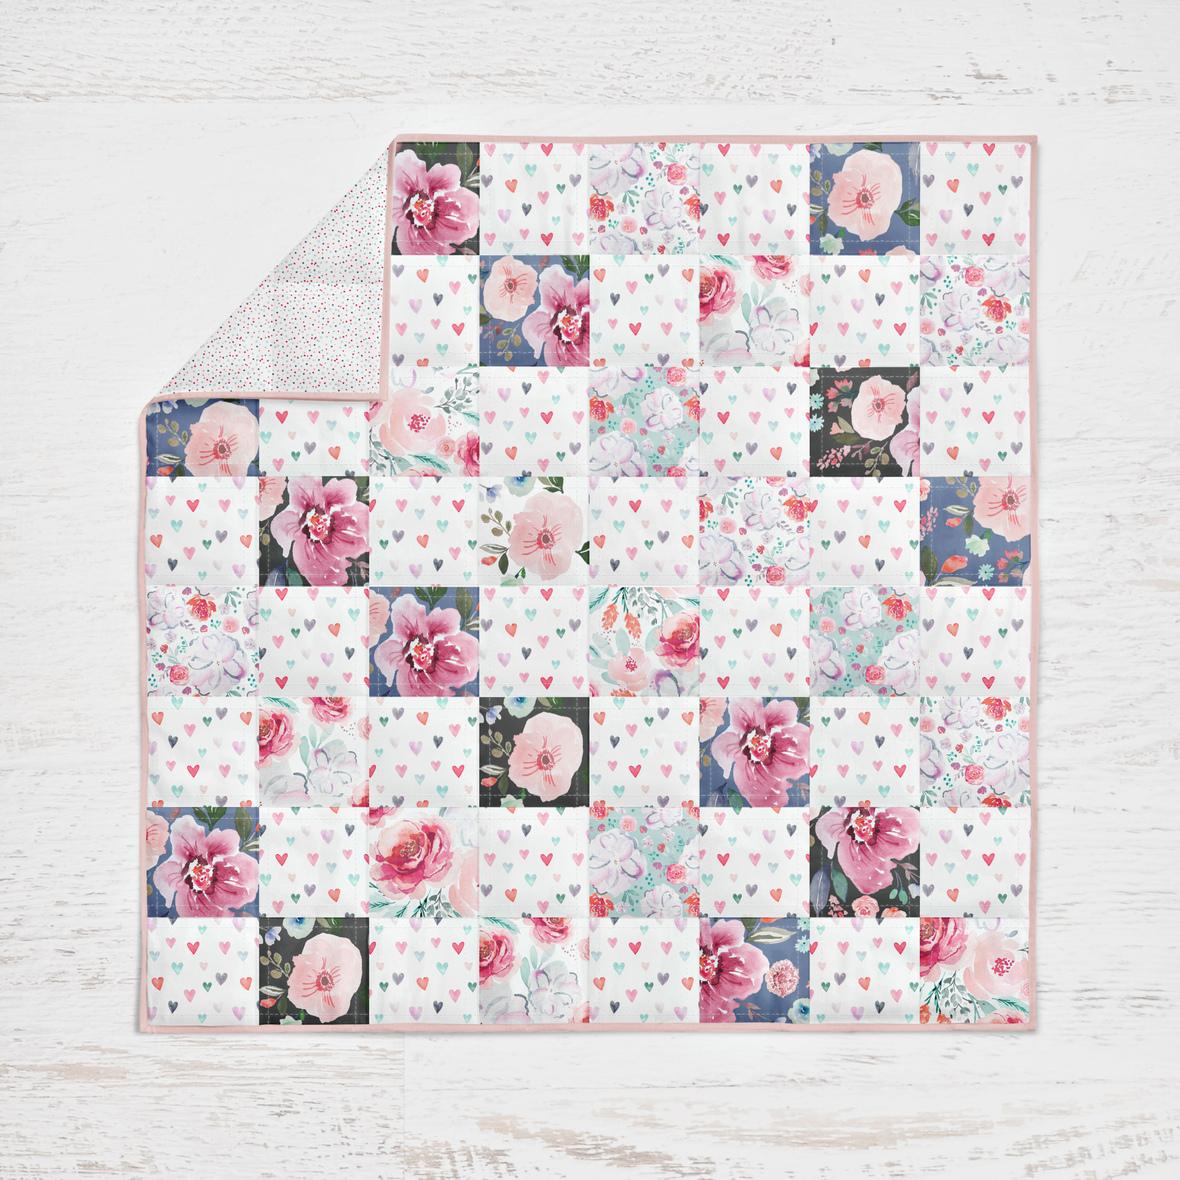 Quilt 5 in squares 2.1